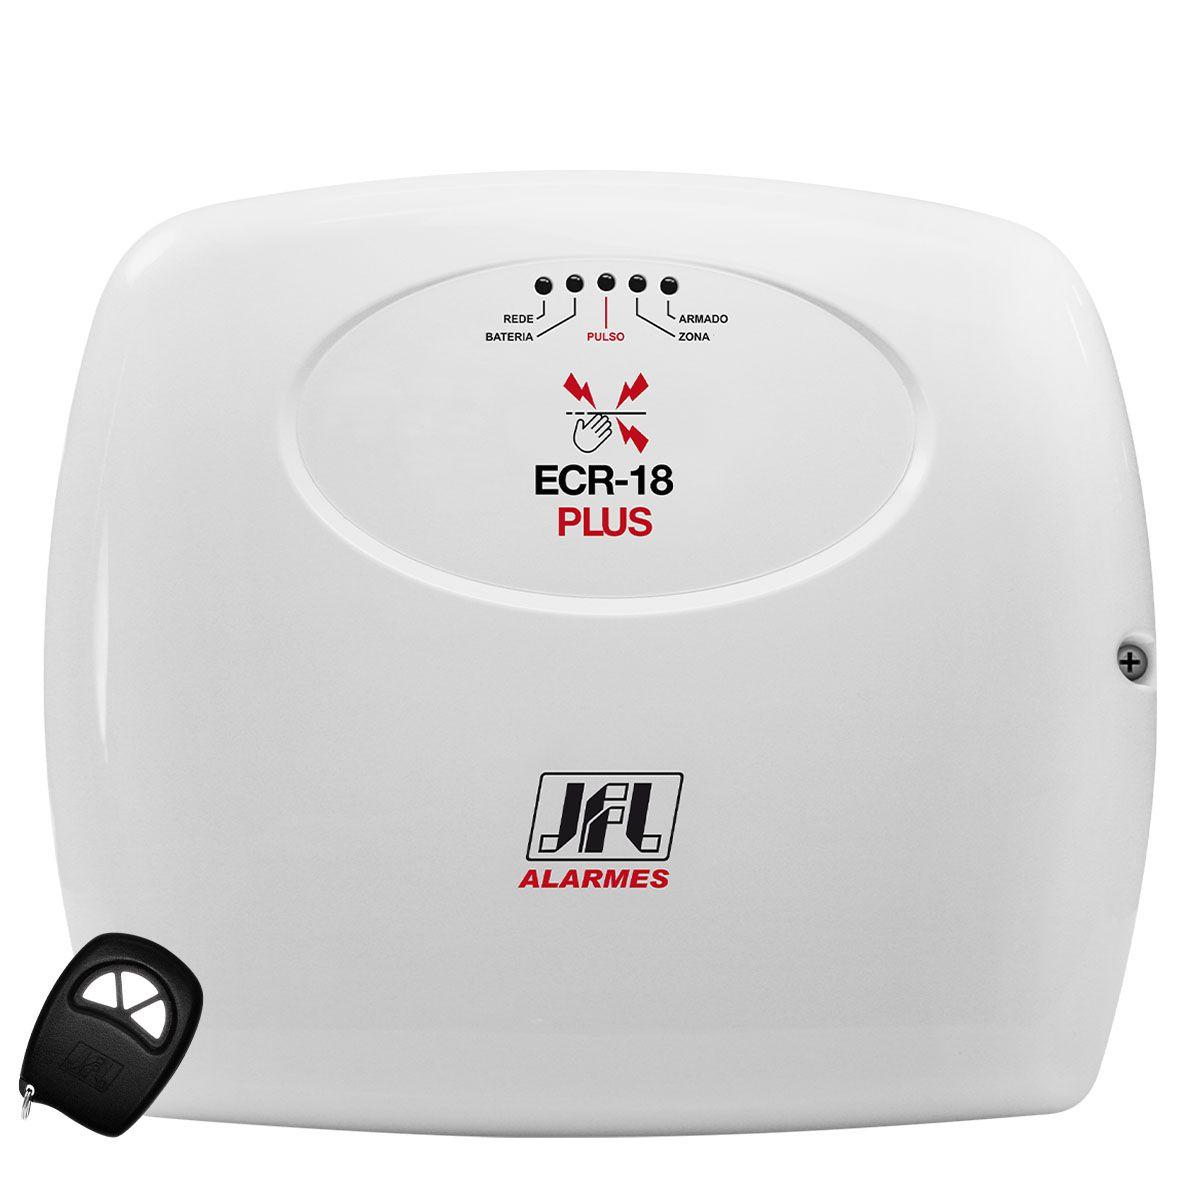 Central De Choque Eletrificador E Alarme Ecr 18 Plus Jfl